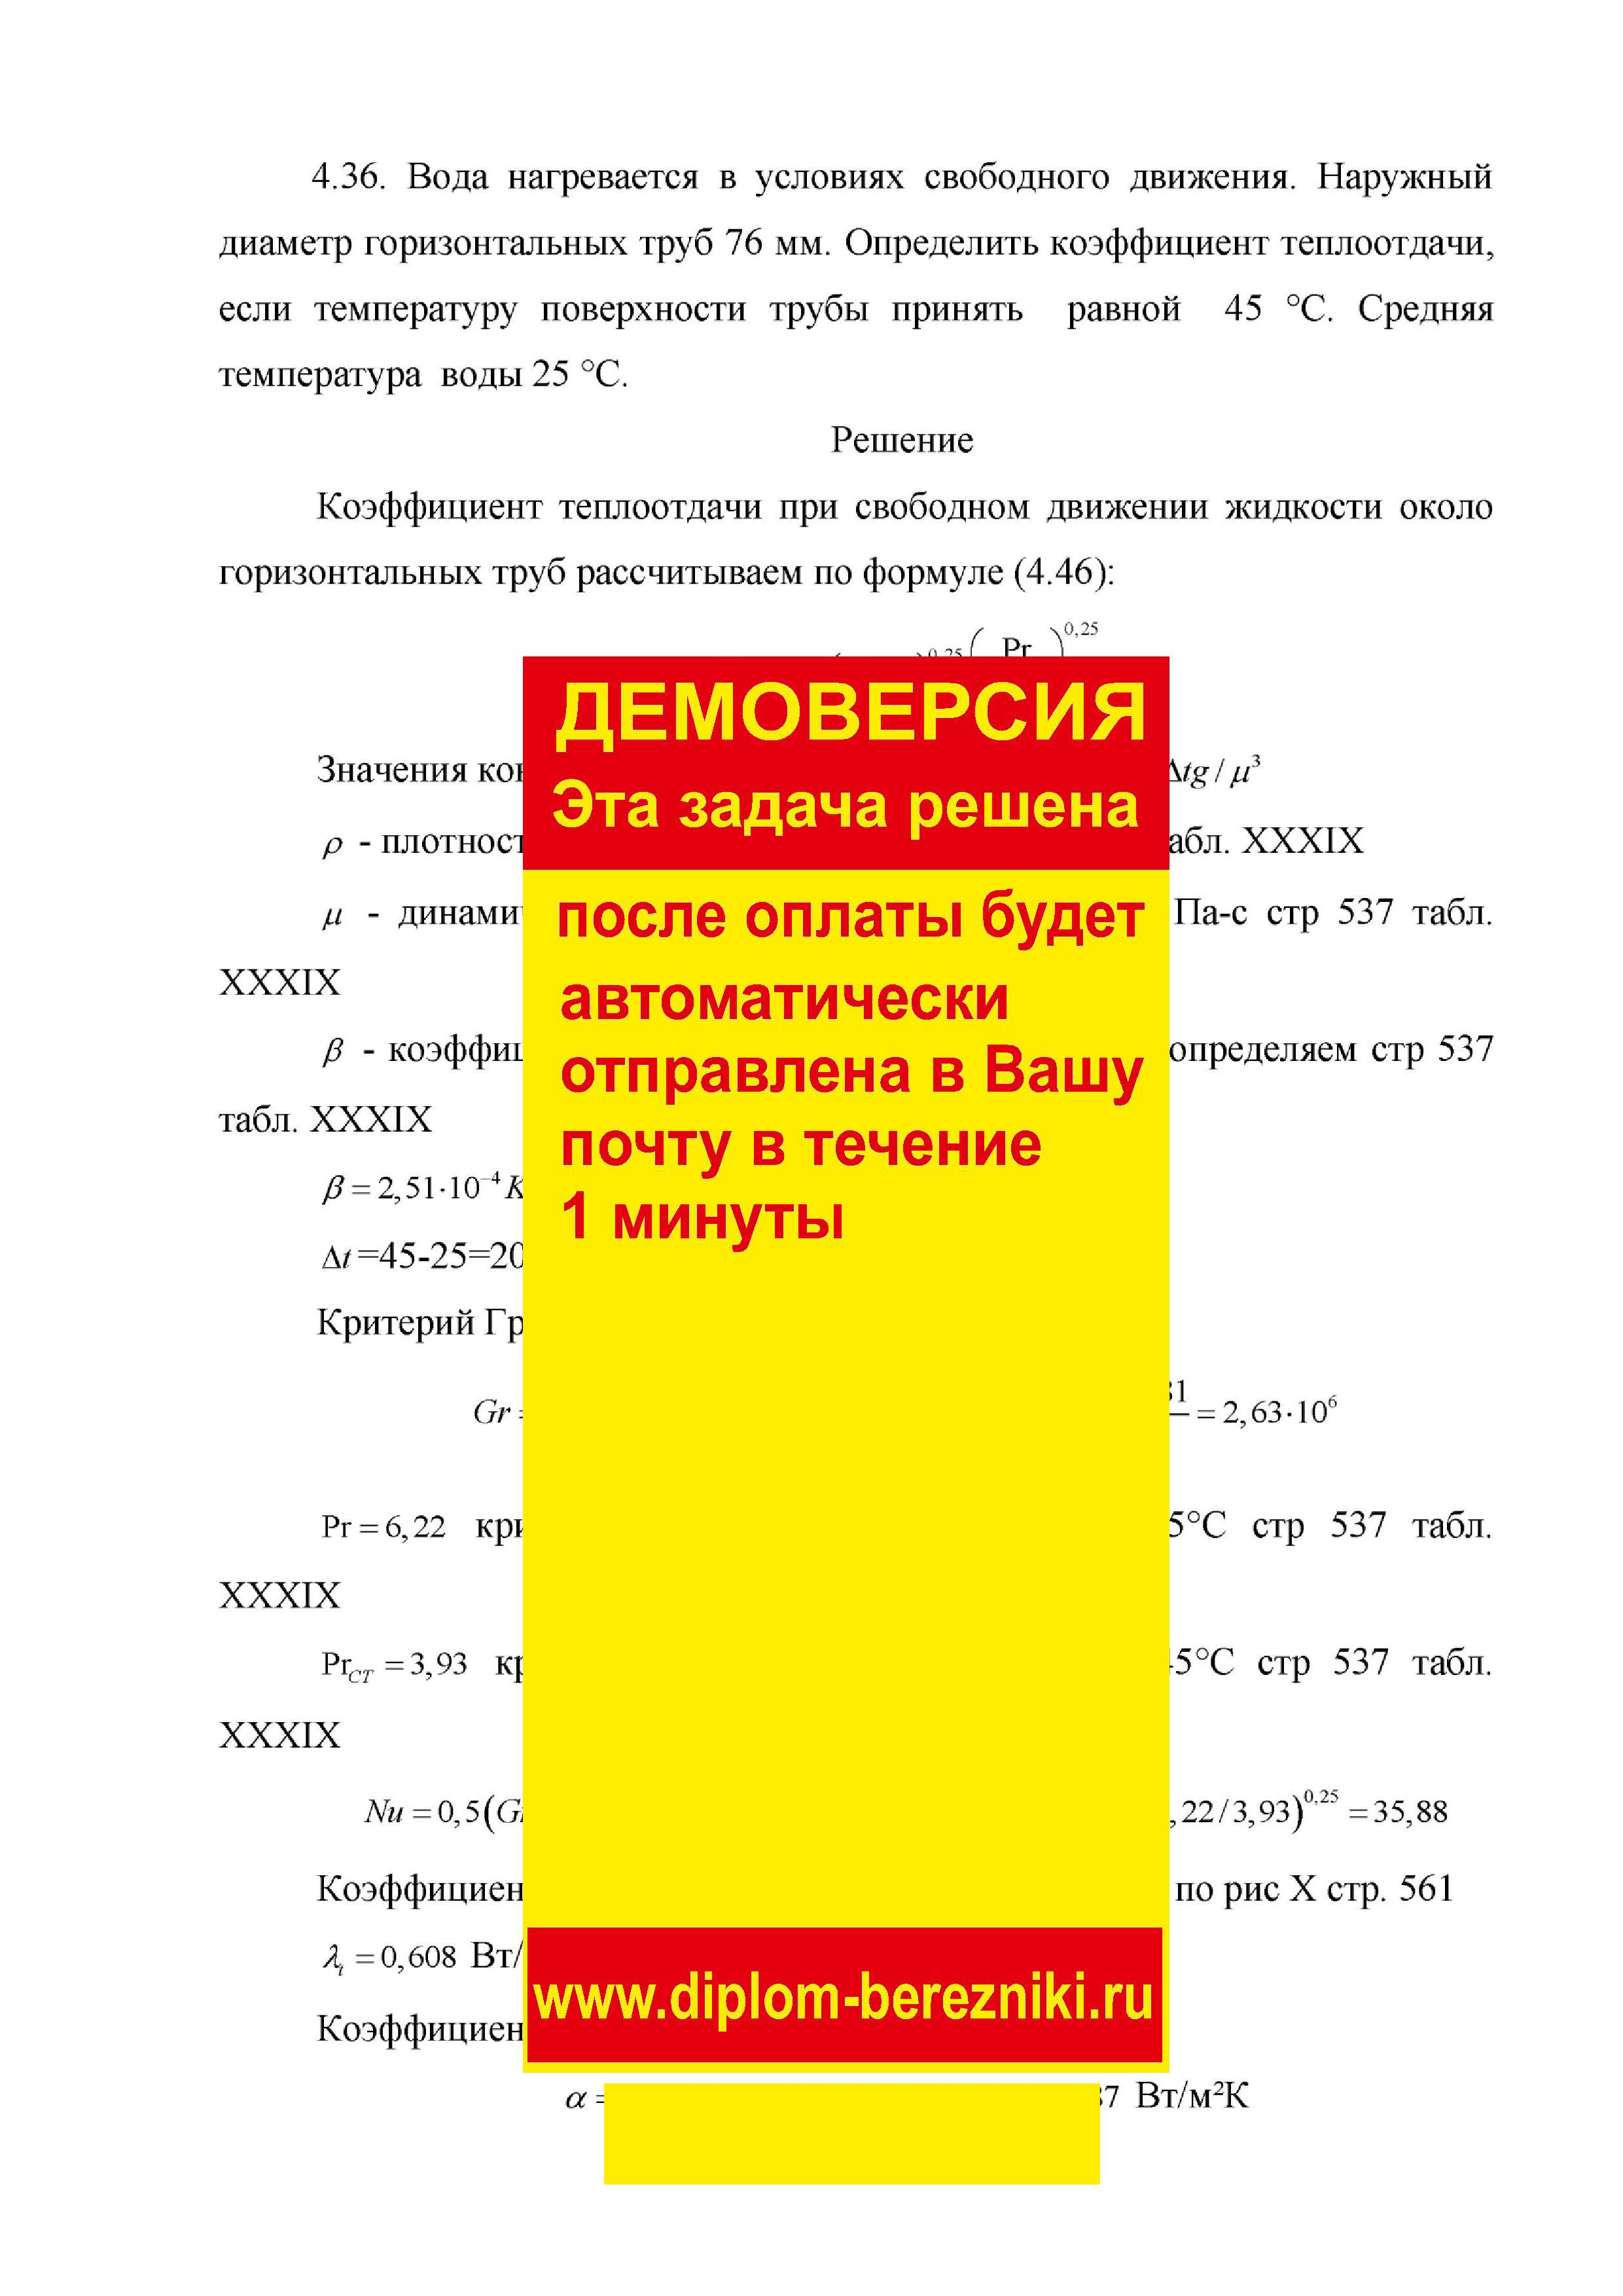 Решение задачи 4.36 по ПАХТ из задачника Павлова Романкова Носкова